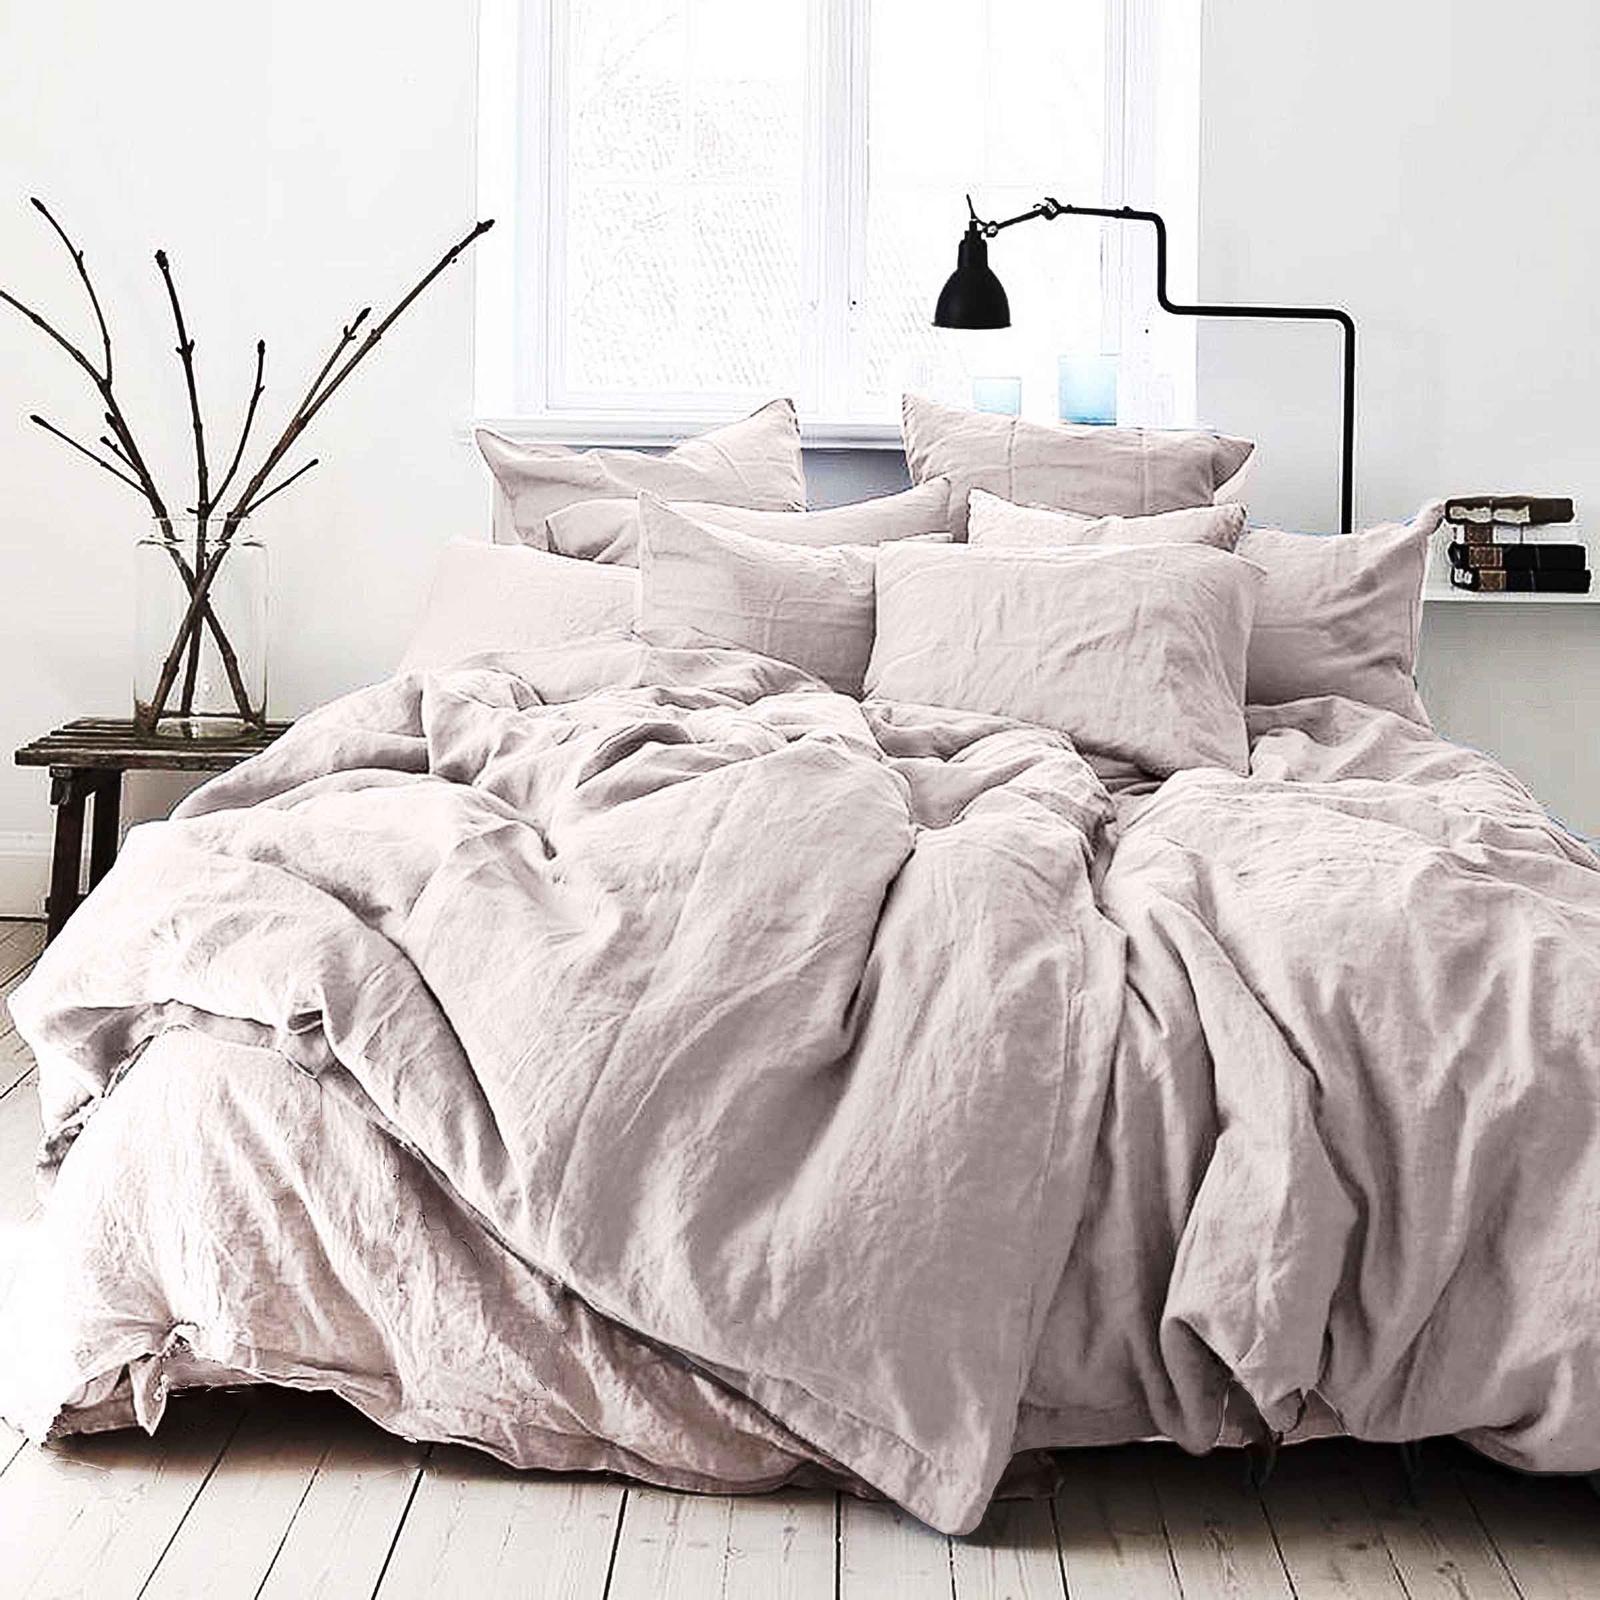 цена Комплект постельного белья Seta Лён De Lux Light Pink 01783304, евро, наволочки 50x50 см онлайн в 2017 году